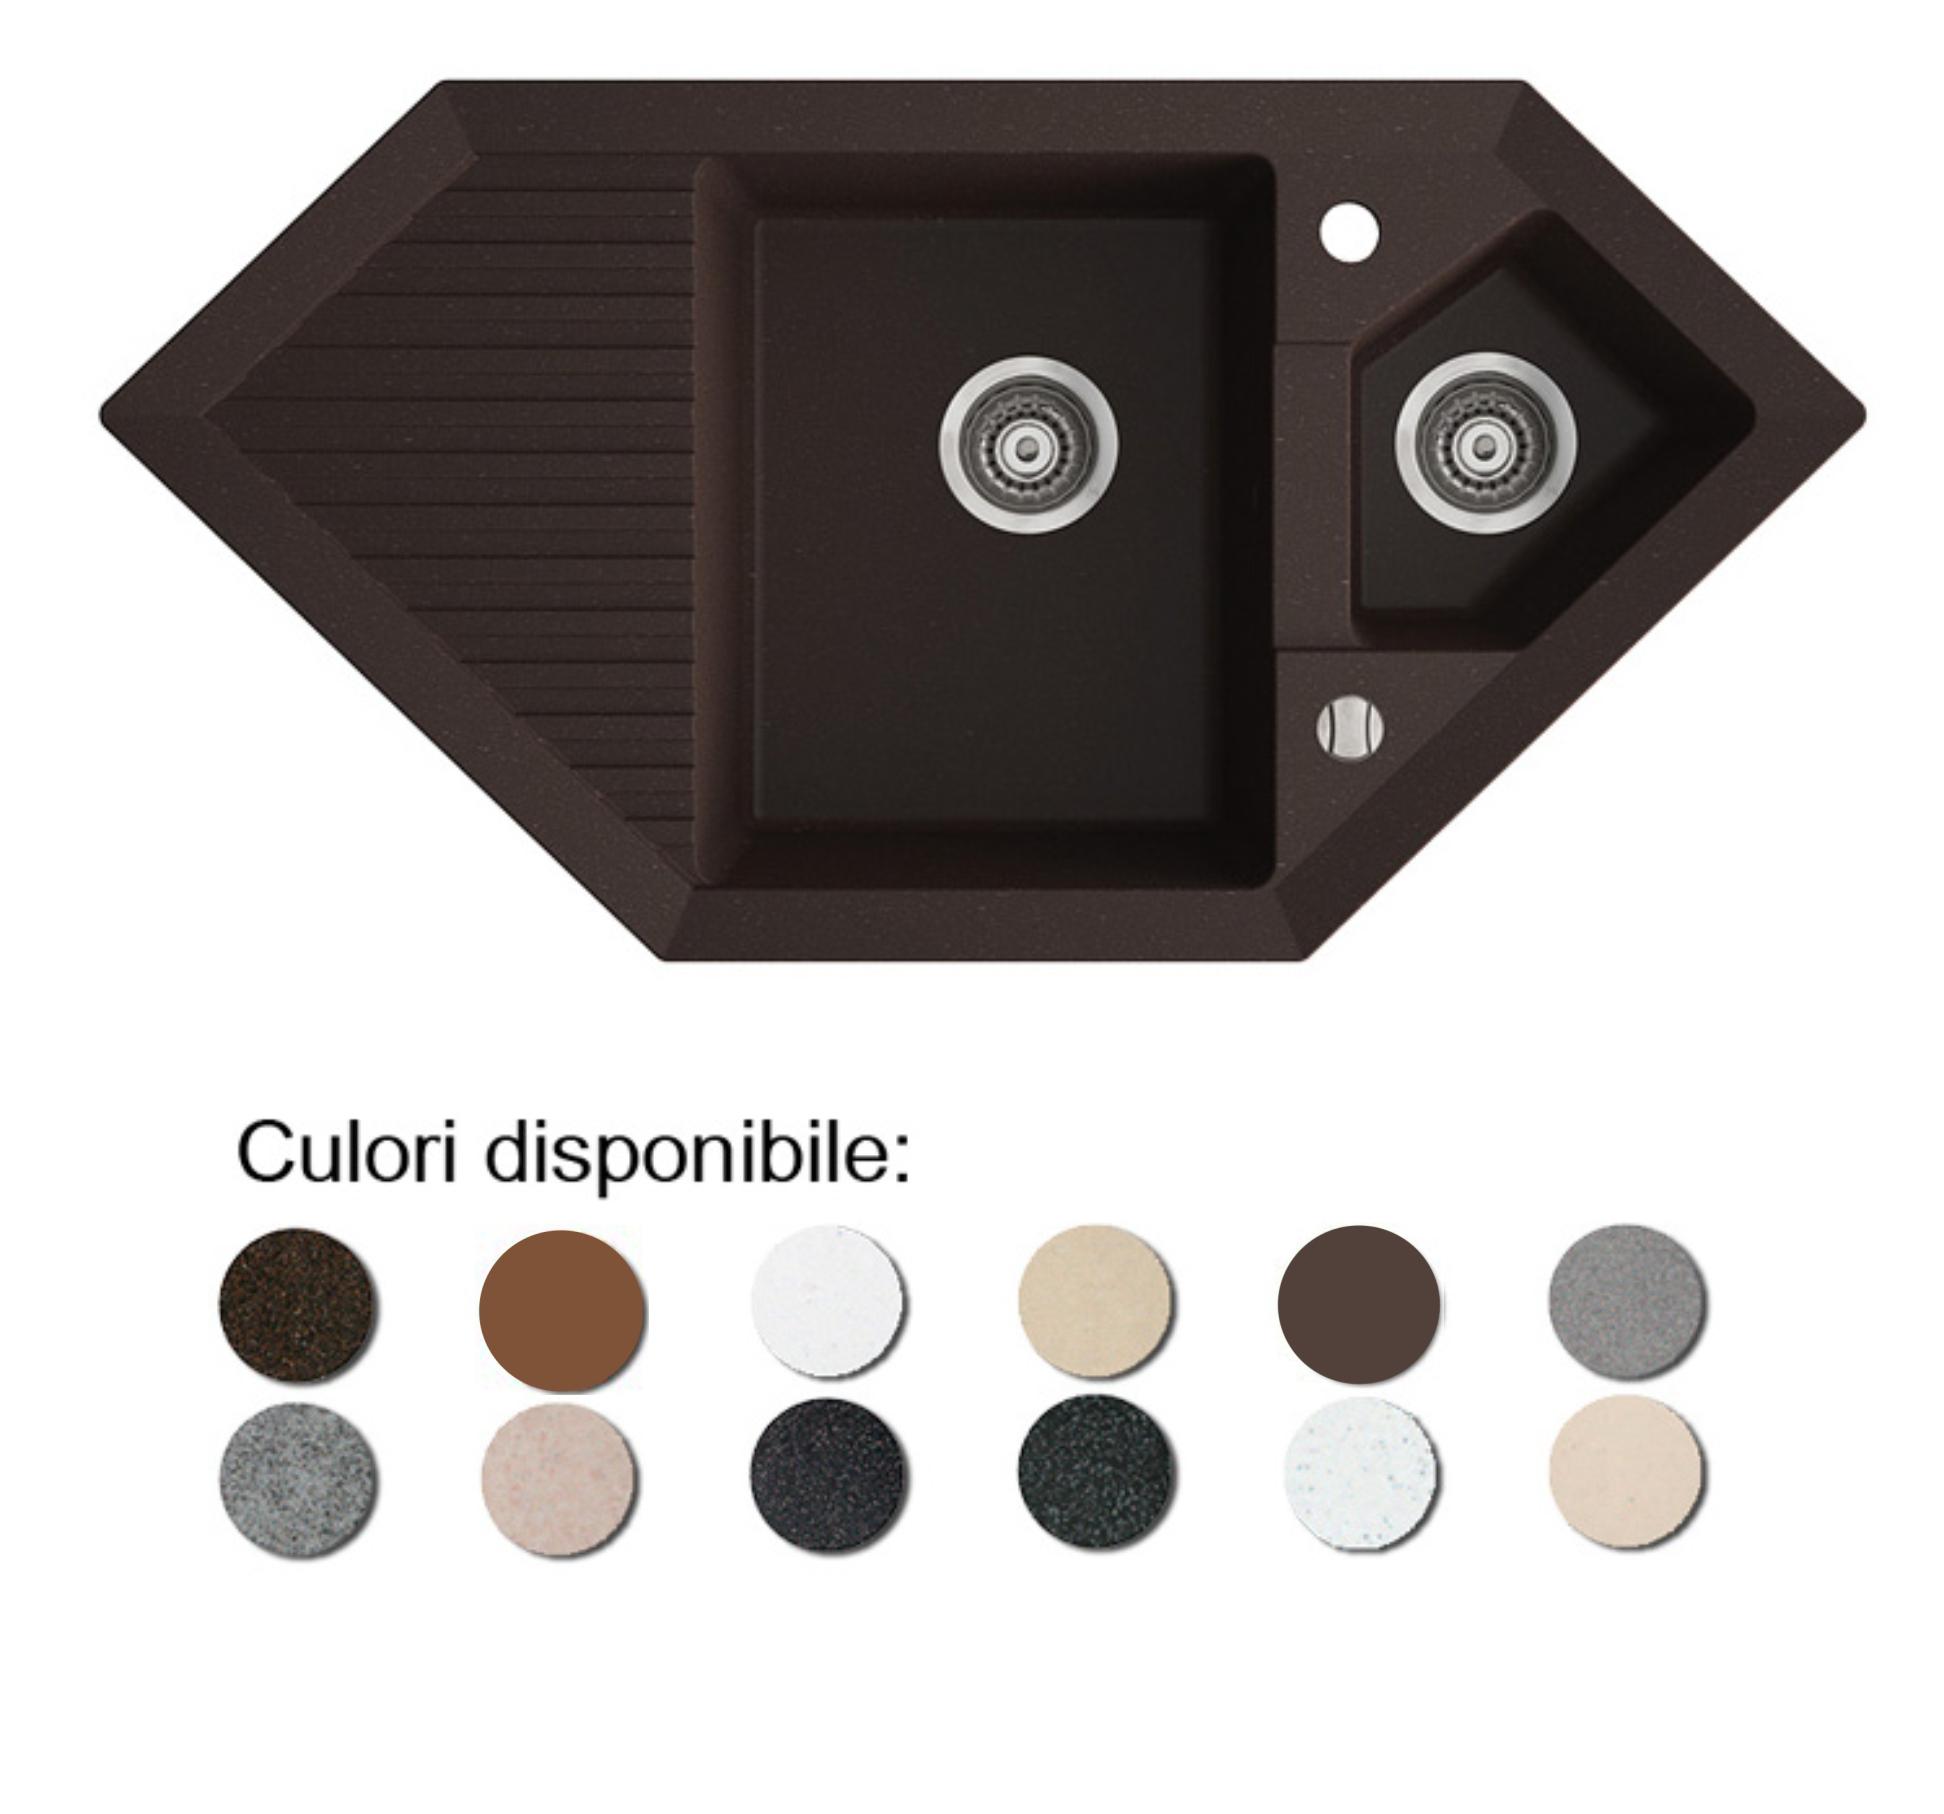 Foto Chiuveta Bucatarie Granit Compozit Anticalcar Trapezoidala Cuve Picurator Spatio